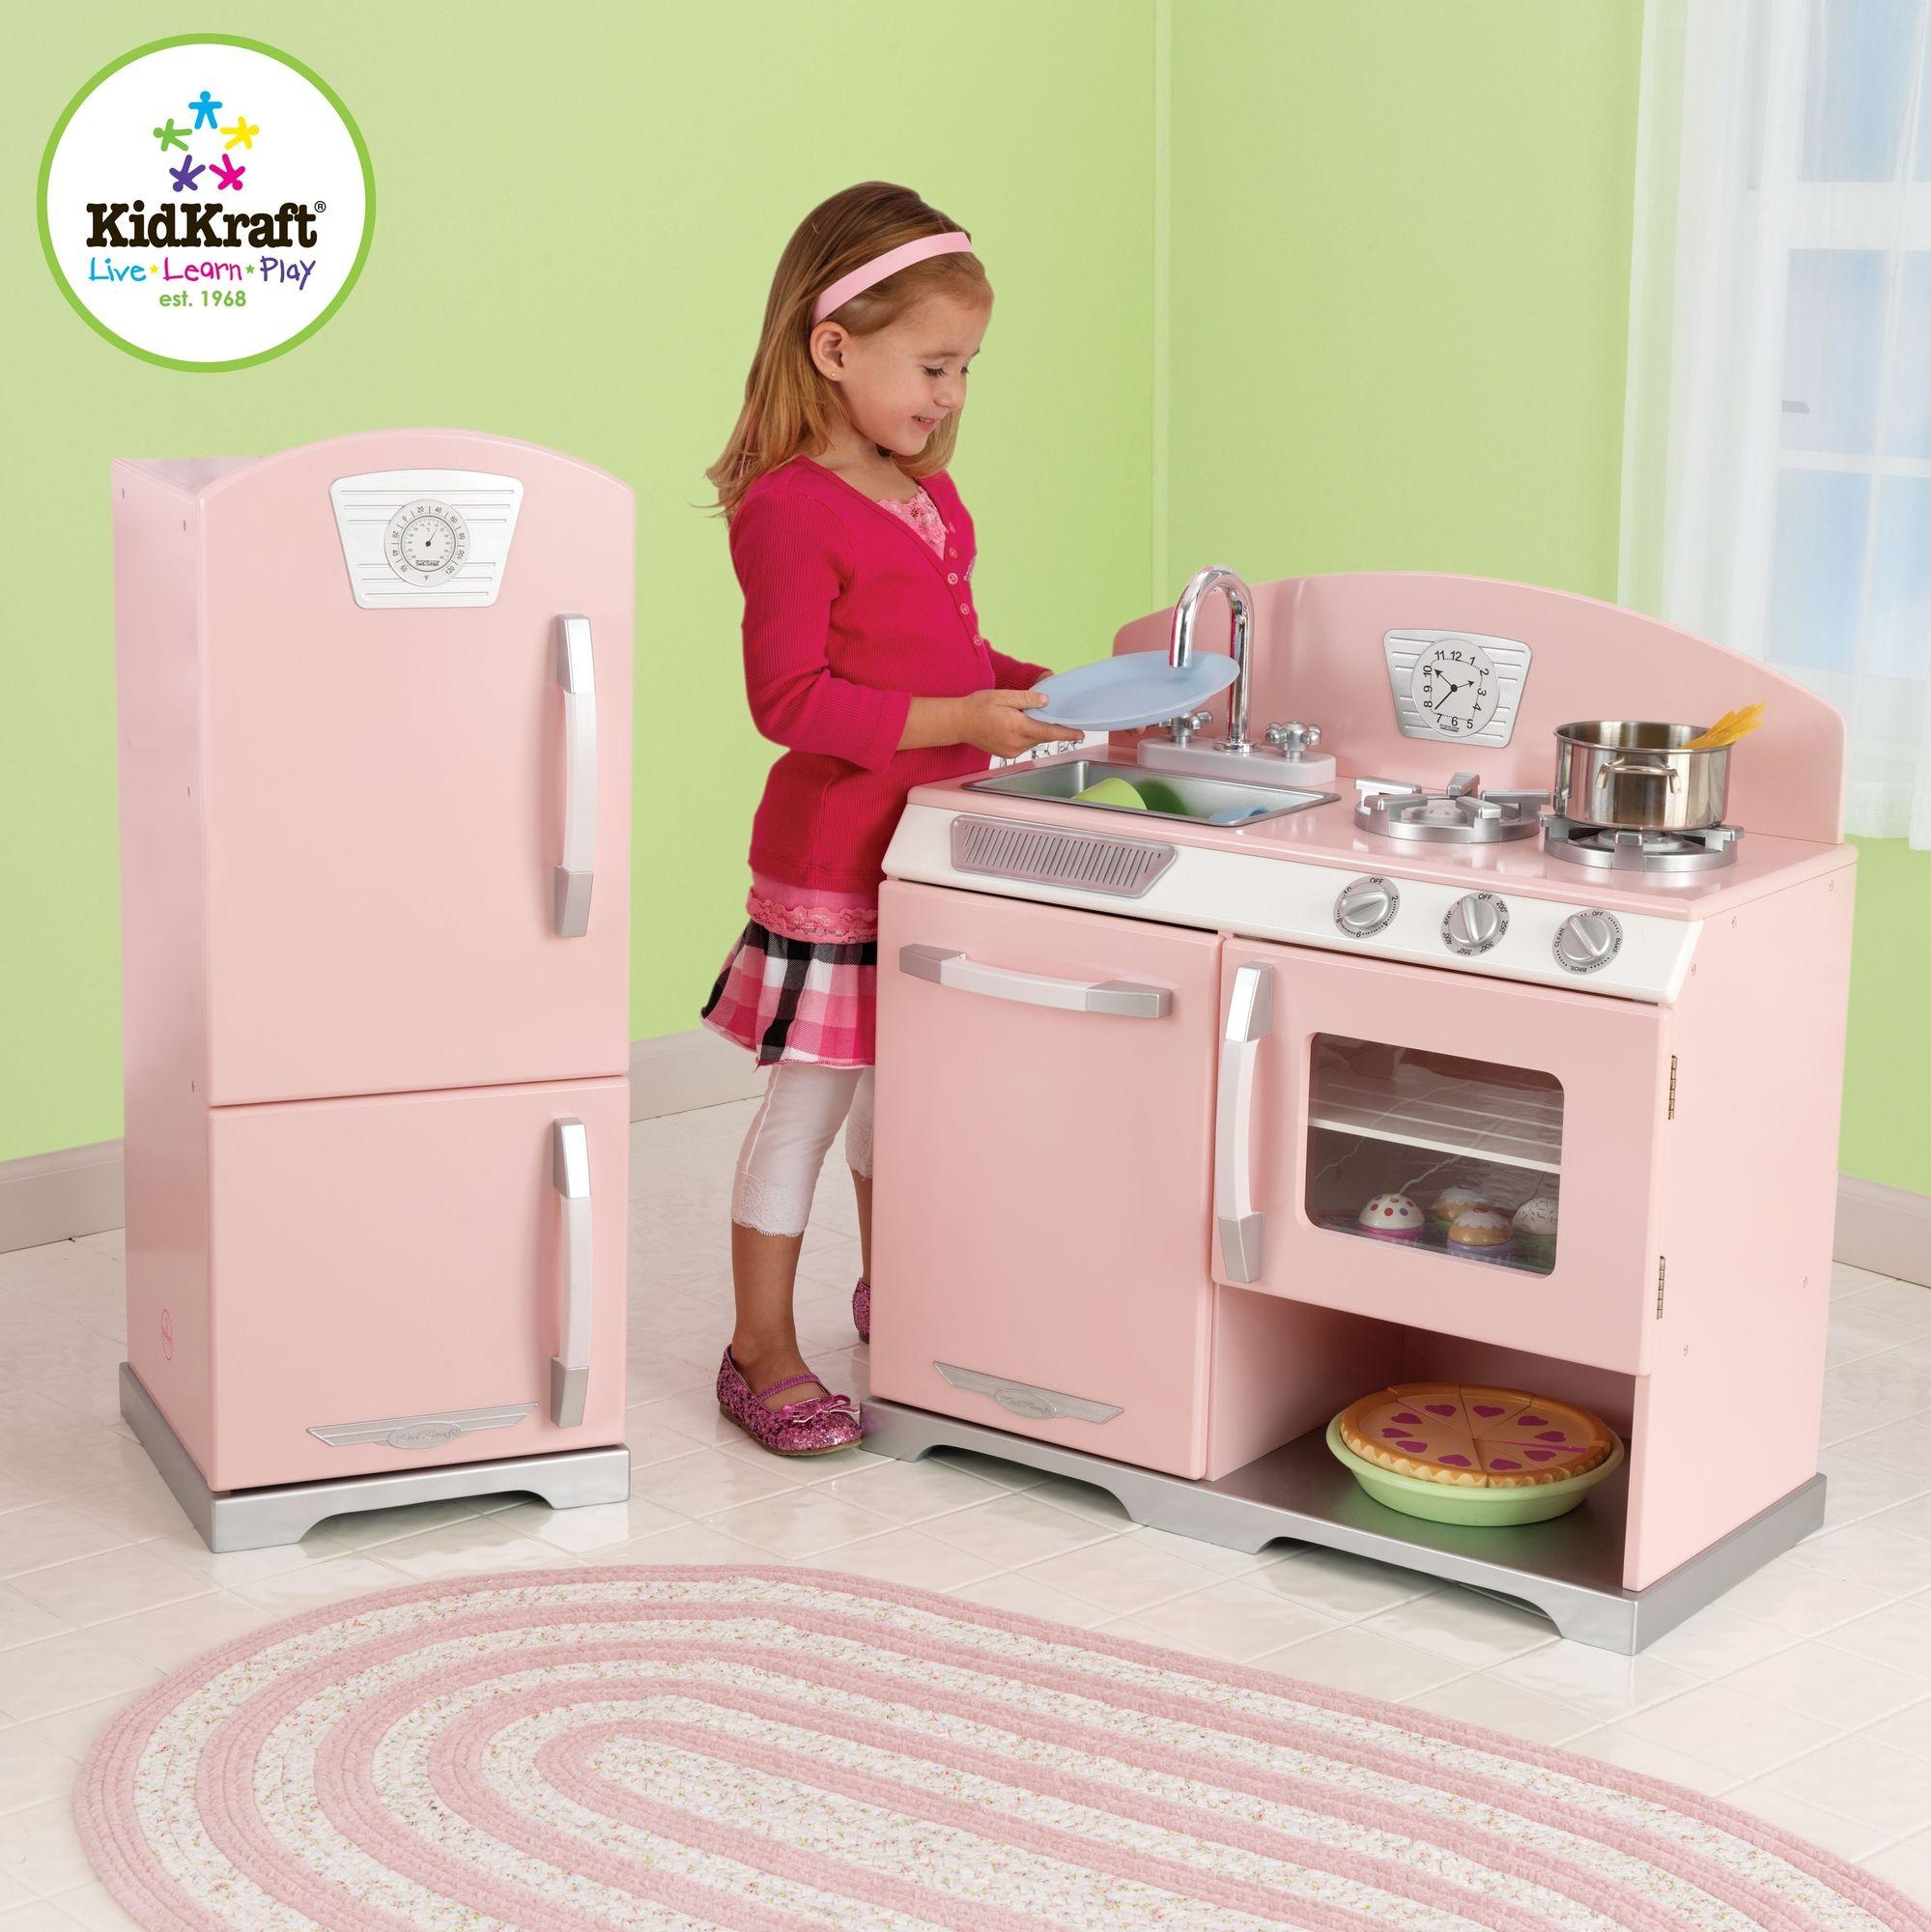 KidKraft Pink Retro Kitchen Refrigerator This Is On My Christmas - Kidkraft pink retro kitchen and refrigerator 53160